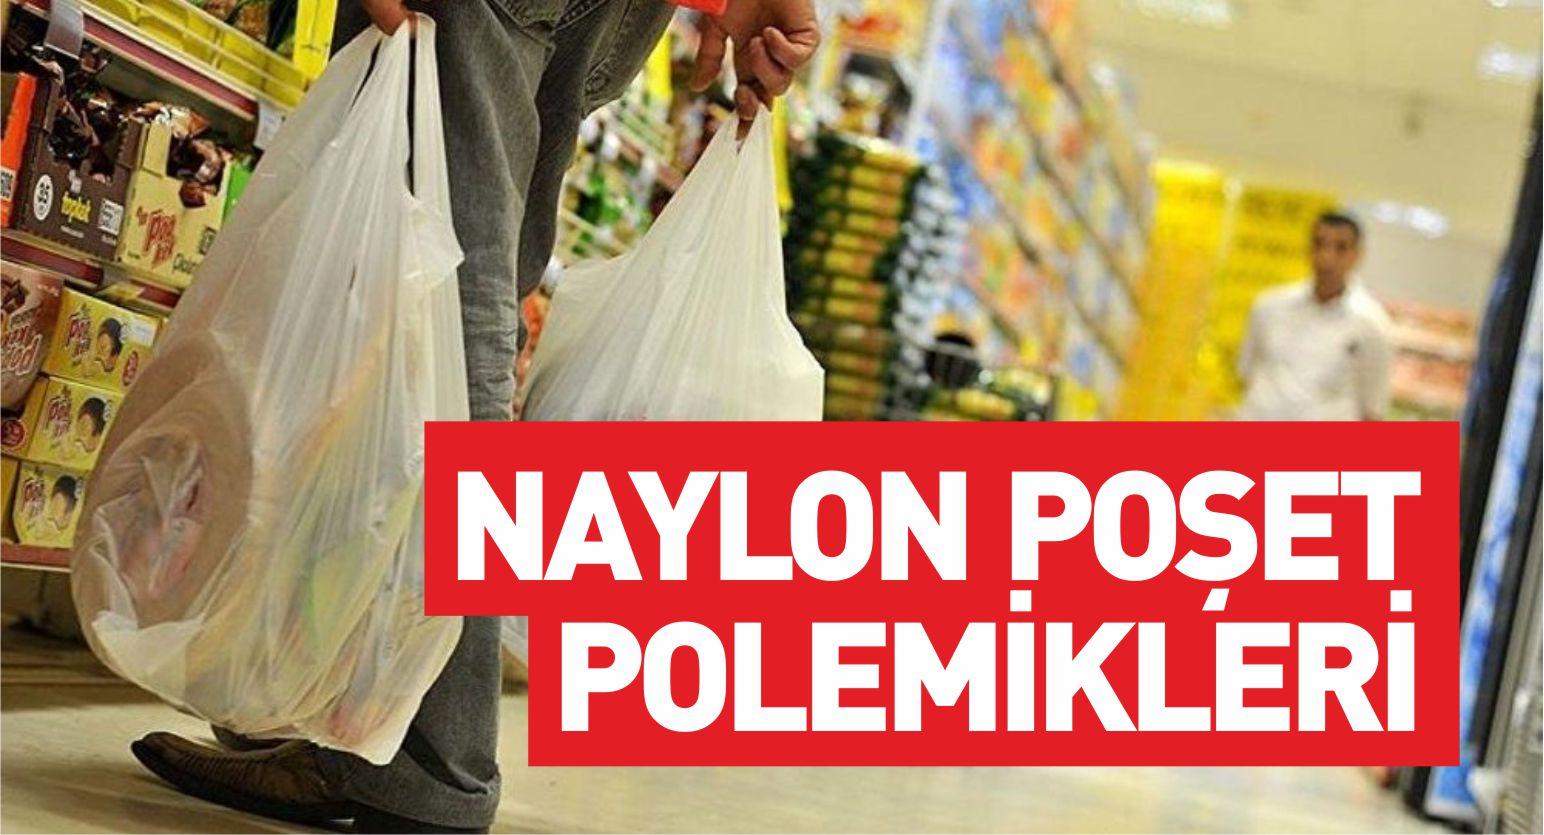 NAYLON POŞET POLEMİKLERİ